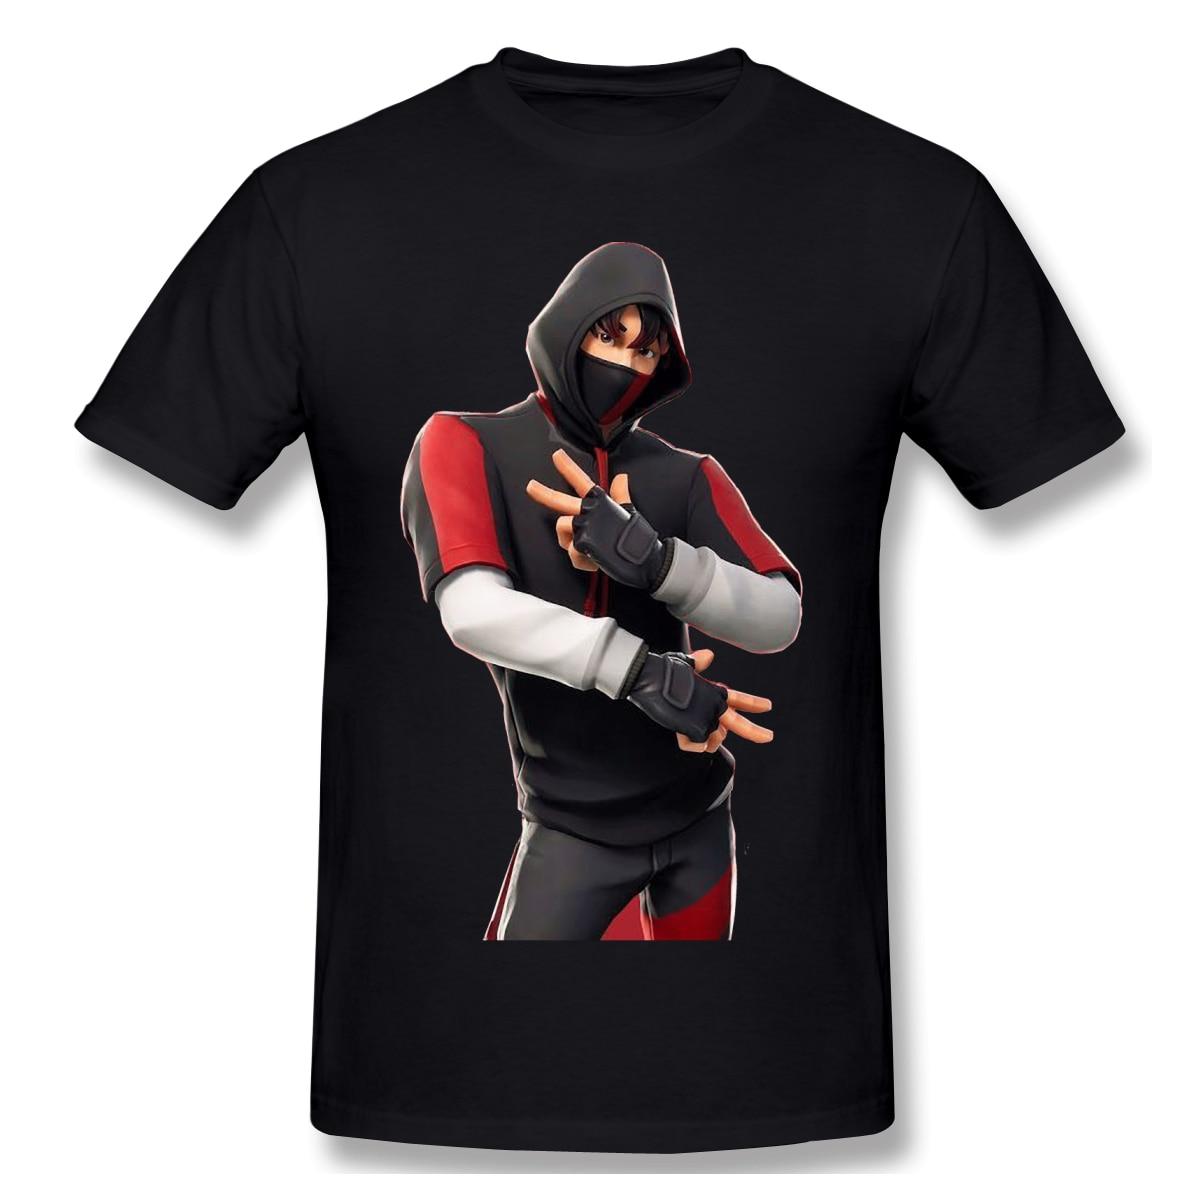 New Summer T Shirt Battle T-Shirt 100 Percent Cotton Fortniter Cute Tee Shirt Basic Short Sleeve Man Tshirt